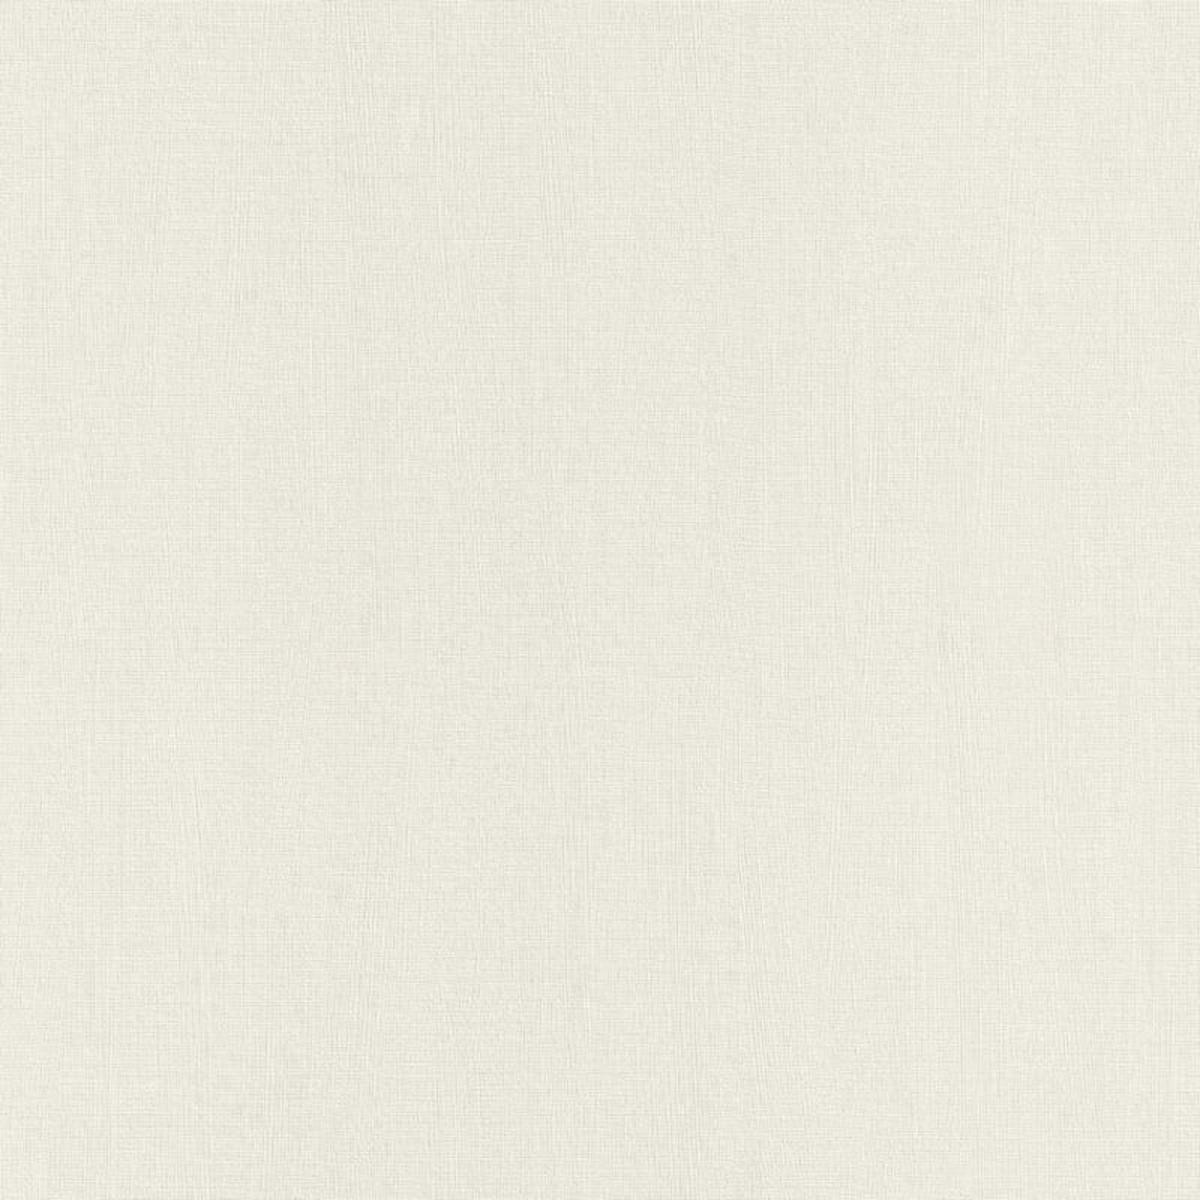 Обои флизелиновые Rasch Easy passion серые 0.53 м 732030